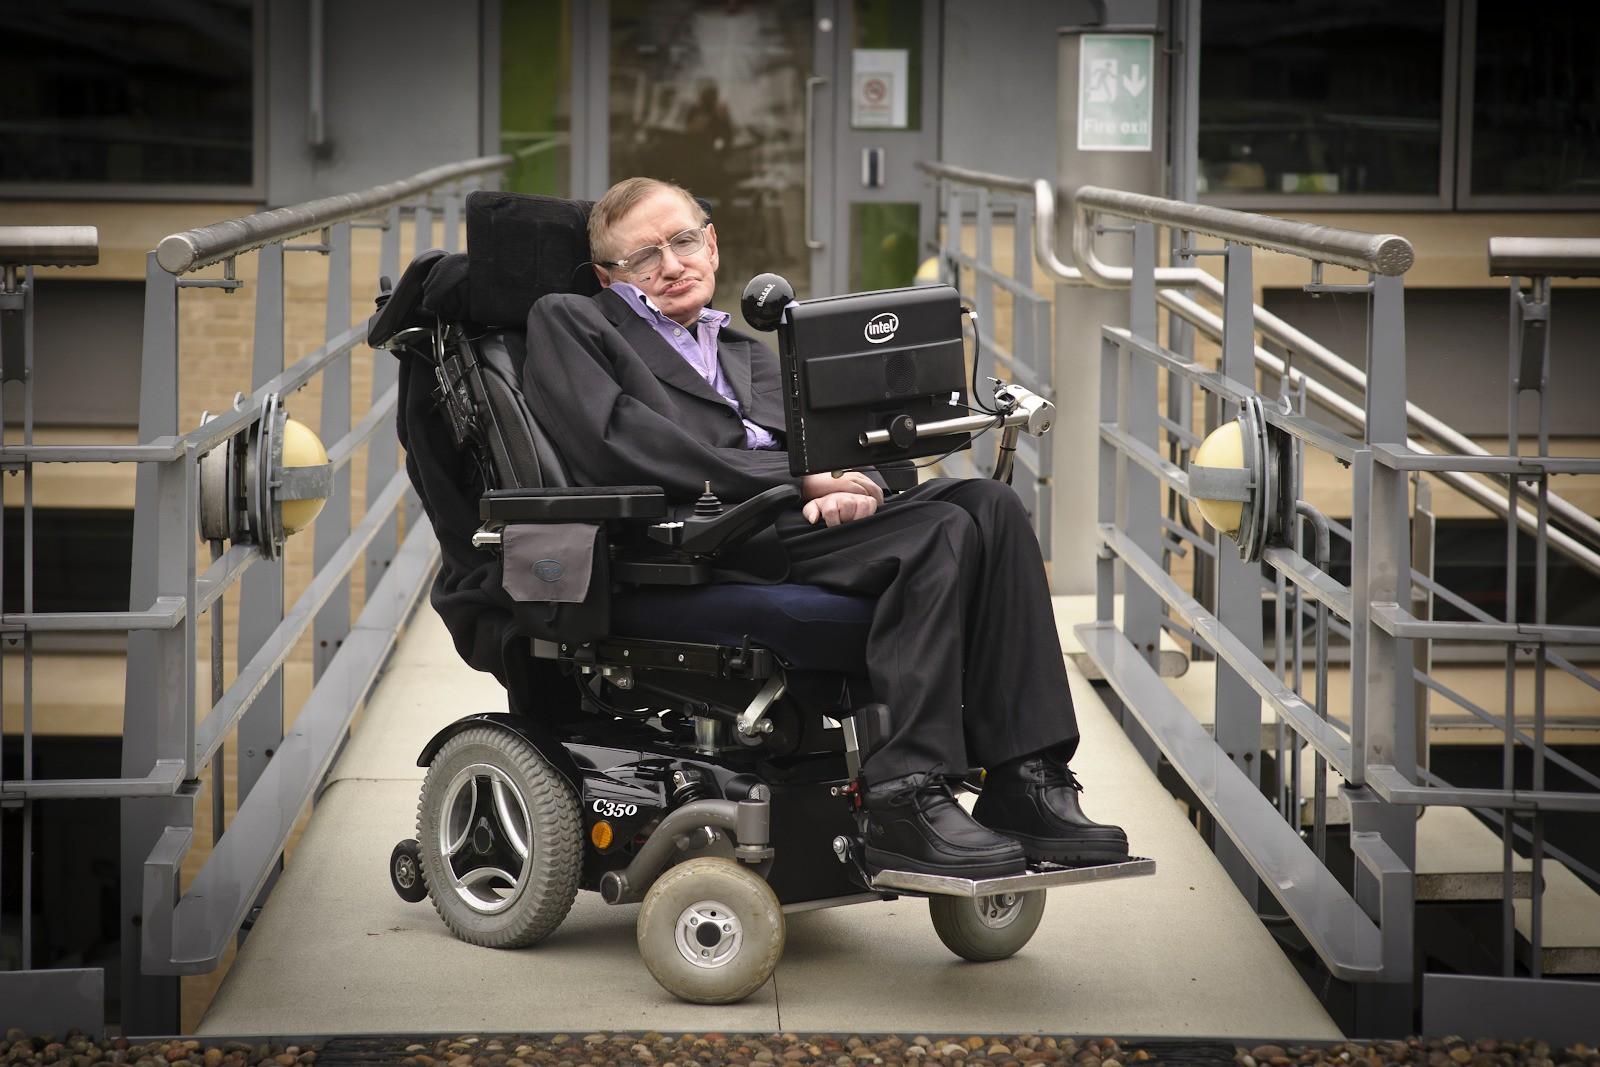 Cuộc đời vĩ đại của thiên tài Stephen Hawking: Dù phải vật lộn với căn bệnh nan y, ông đã để lại cho nhân loại cả kho tàng tri thức - Ảnh 5.